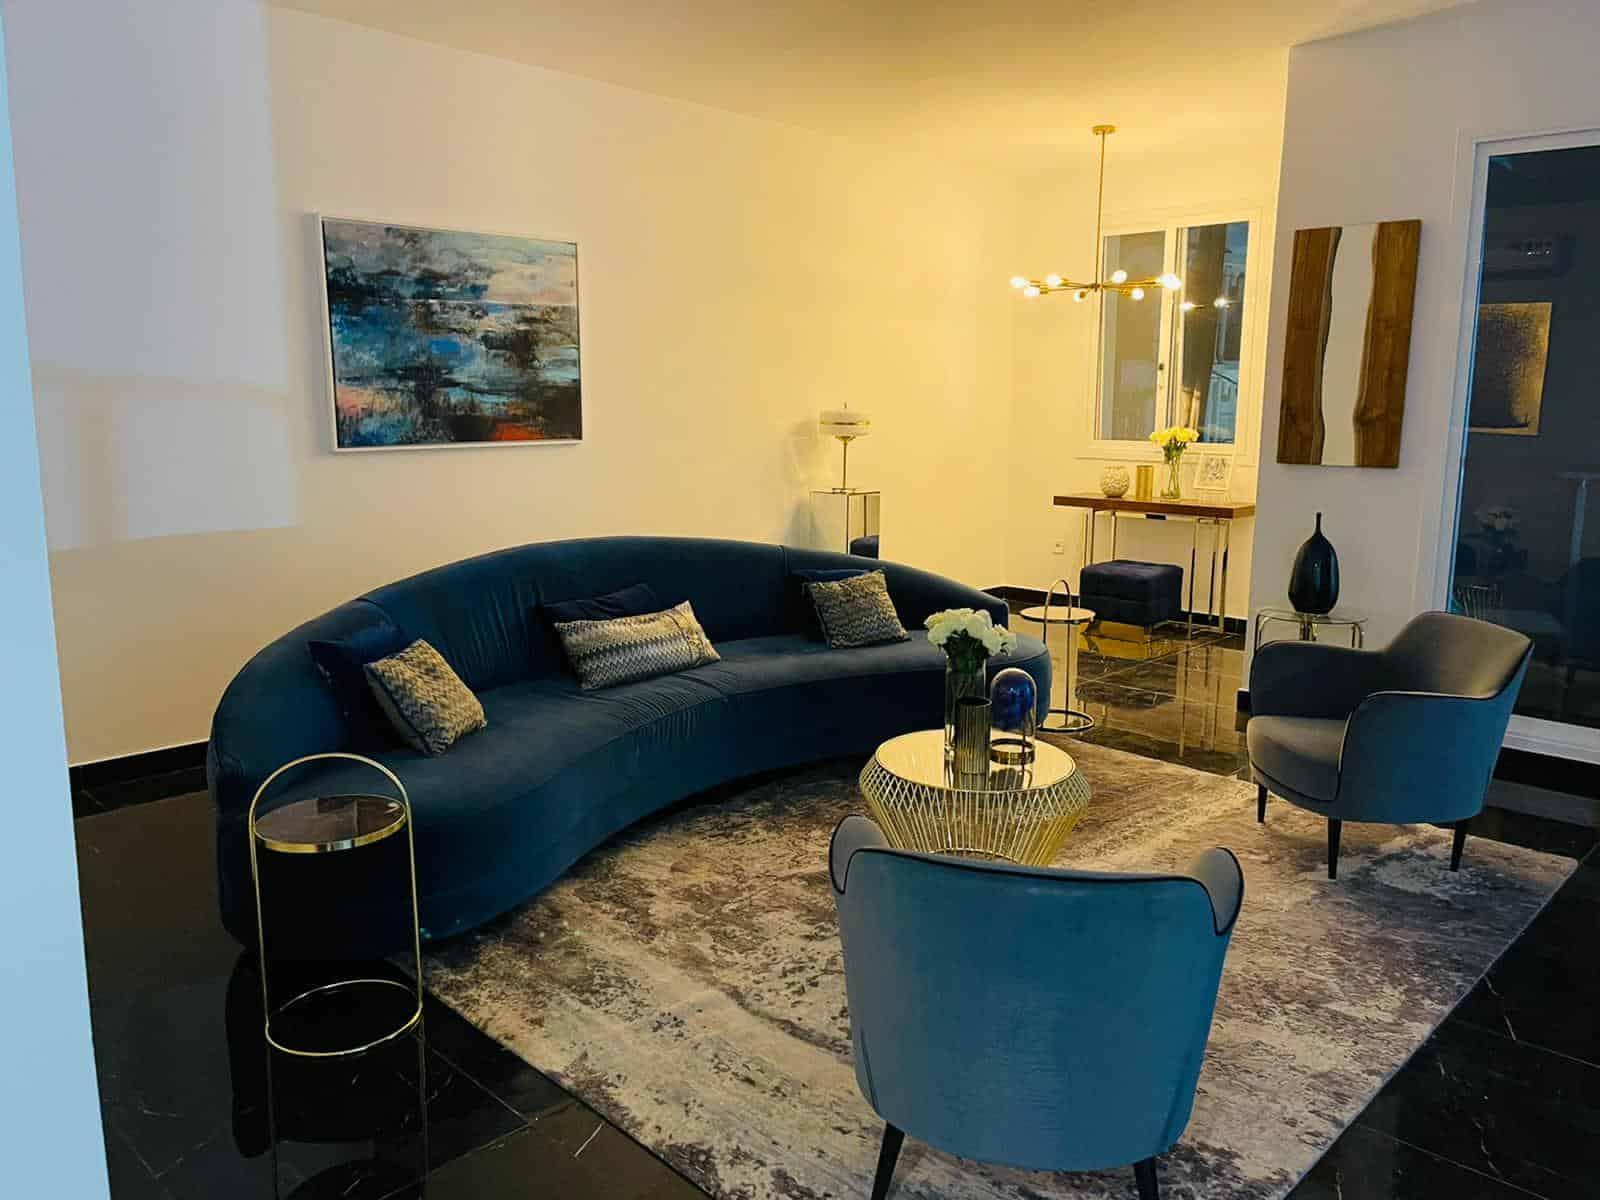 Apartment to rent - Yaoundé, Bastos, Quartier golf - 1 living room(s), 3 bedroom(s), 2 bathroom(s) - 2 500 000 FCFA / month